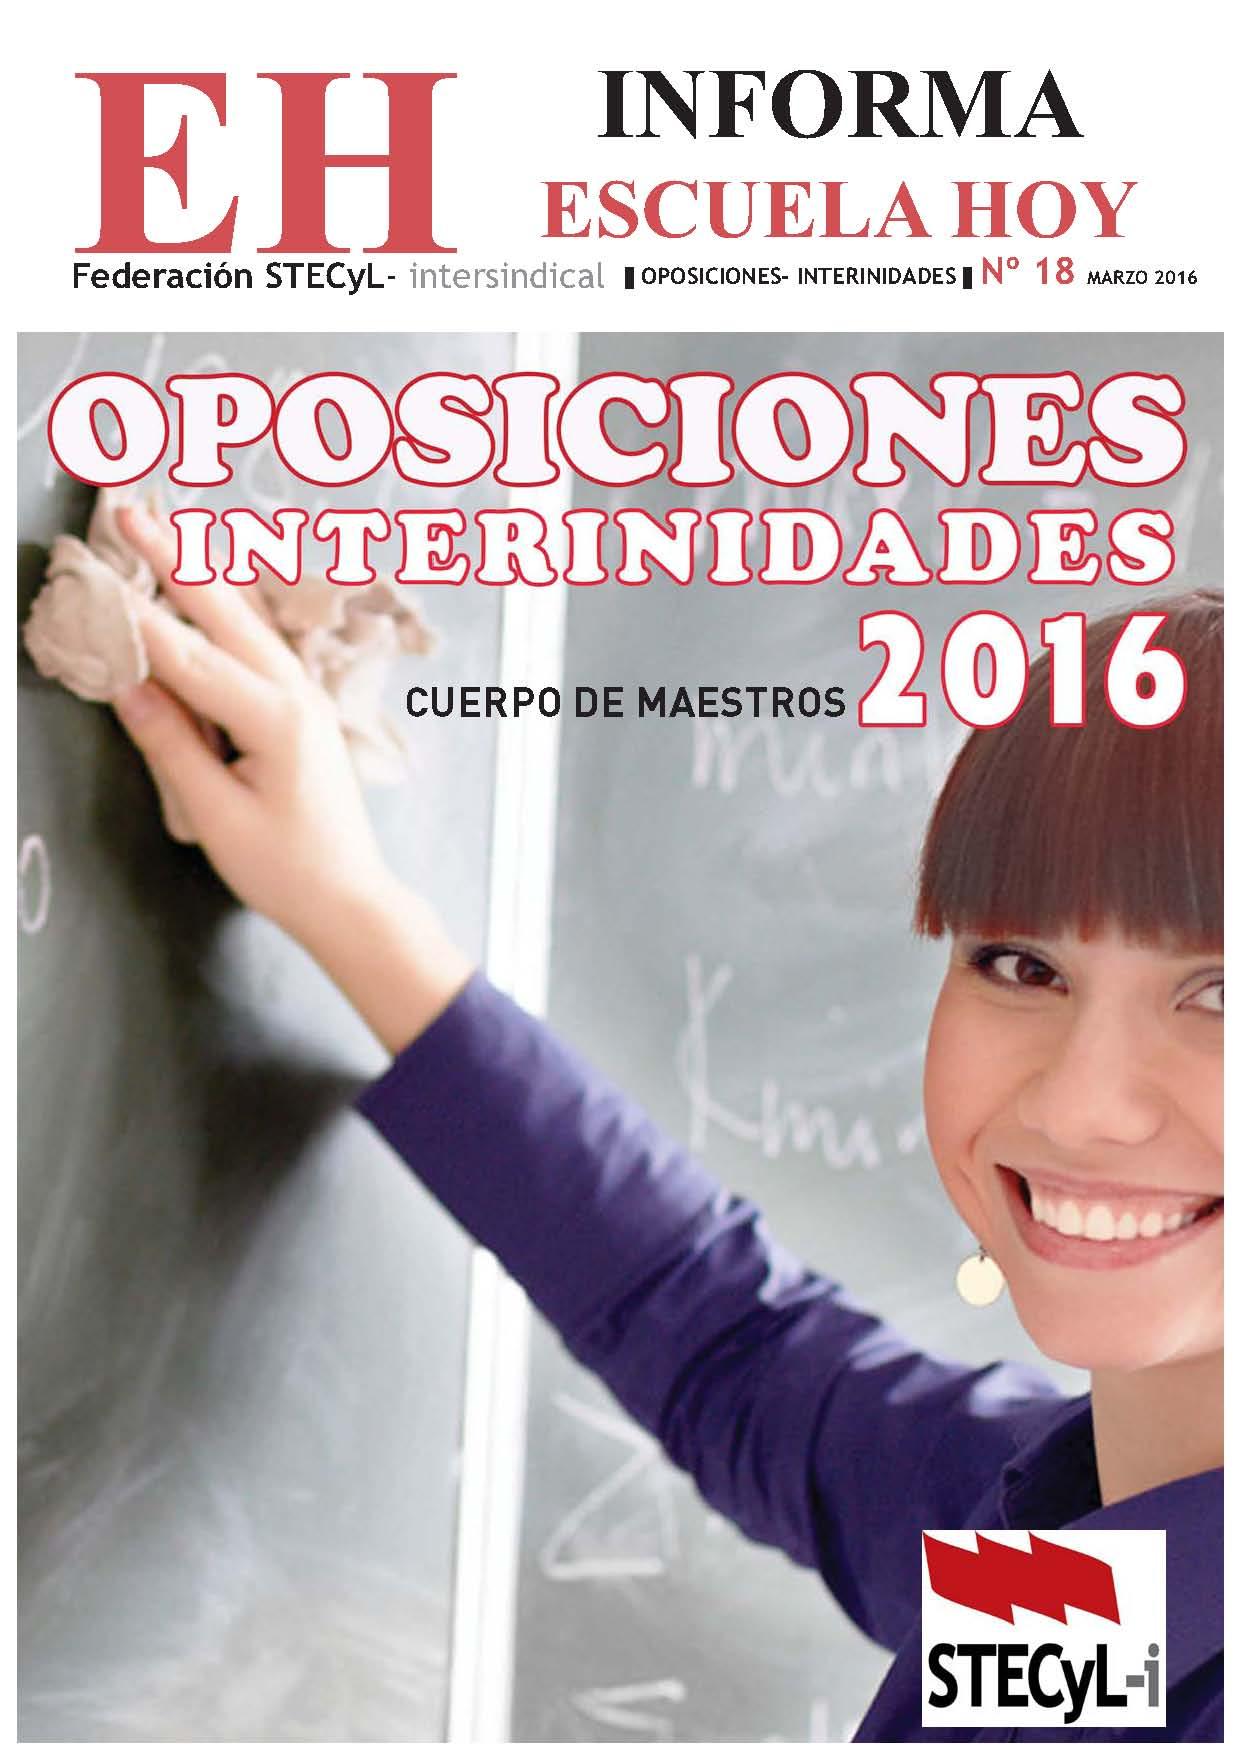 Oposiciones_2016_Informa